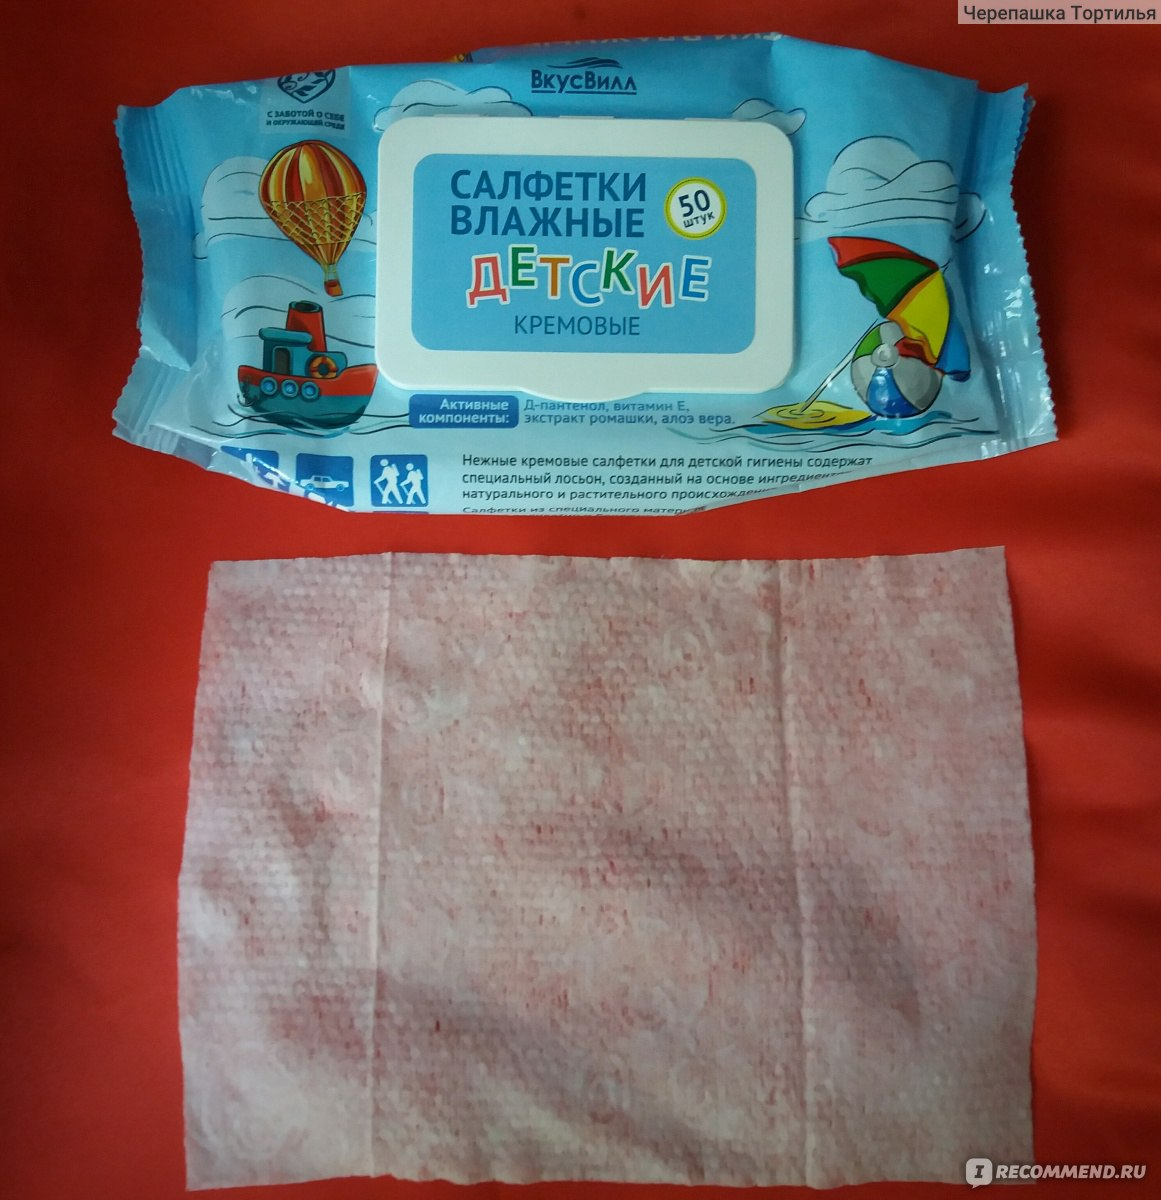 Детские влажные салфетки. влажные салфетки для новорожденных: какие лучше?